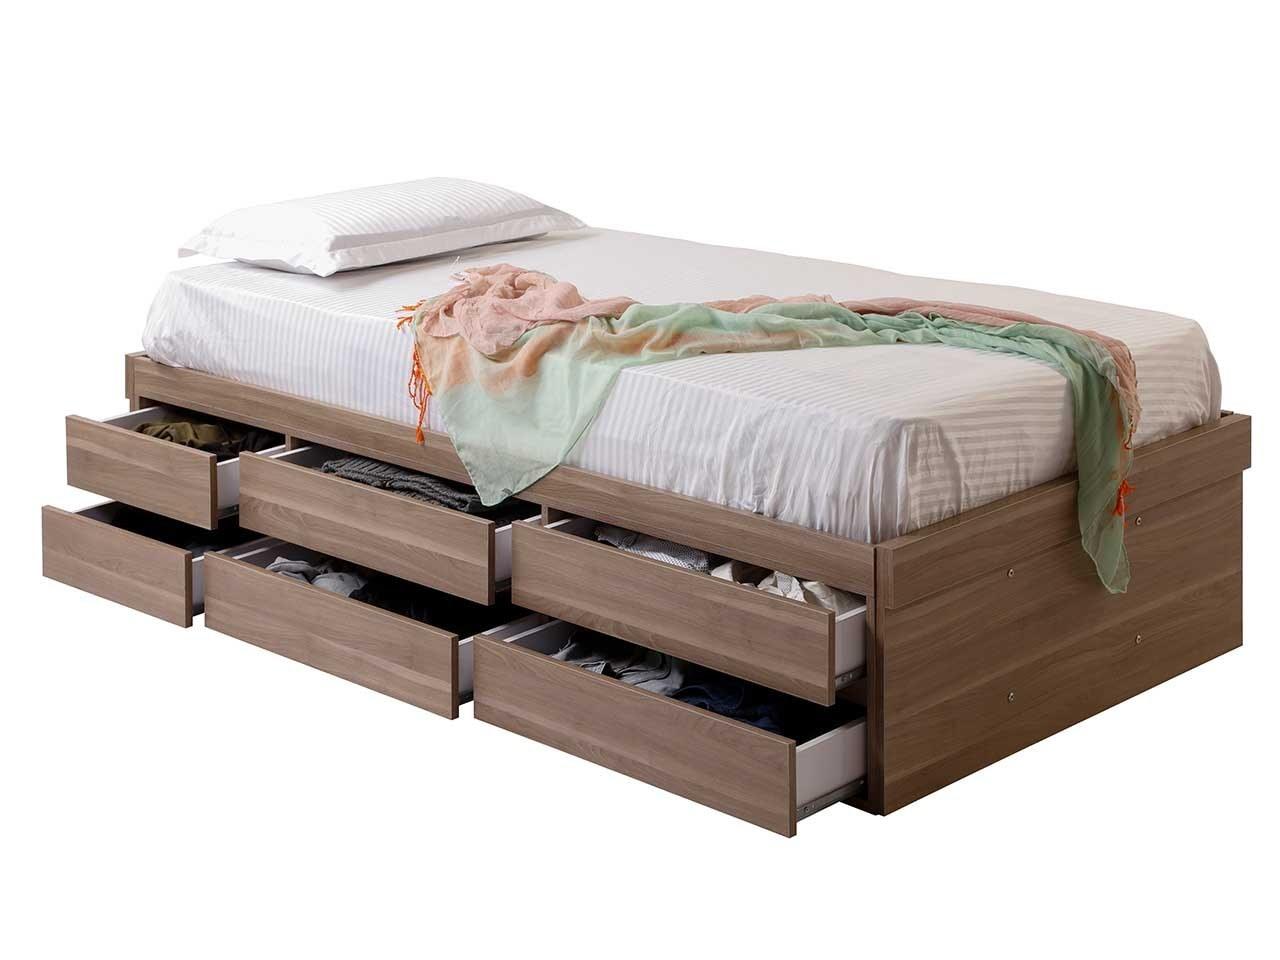 عکس تخت خواب یک نفره 12 کشو مدل MTB 422  تخت-خواب-یک-نفره-12-کشو-مدل-mtb-422